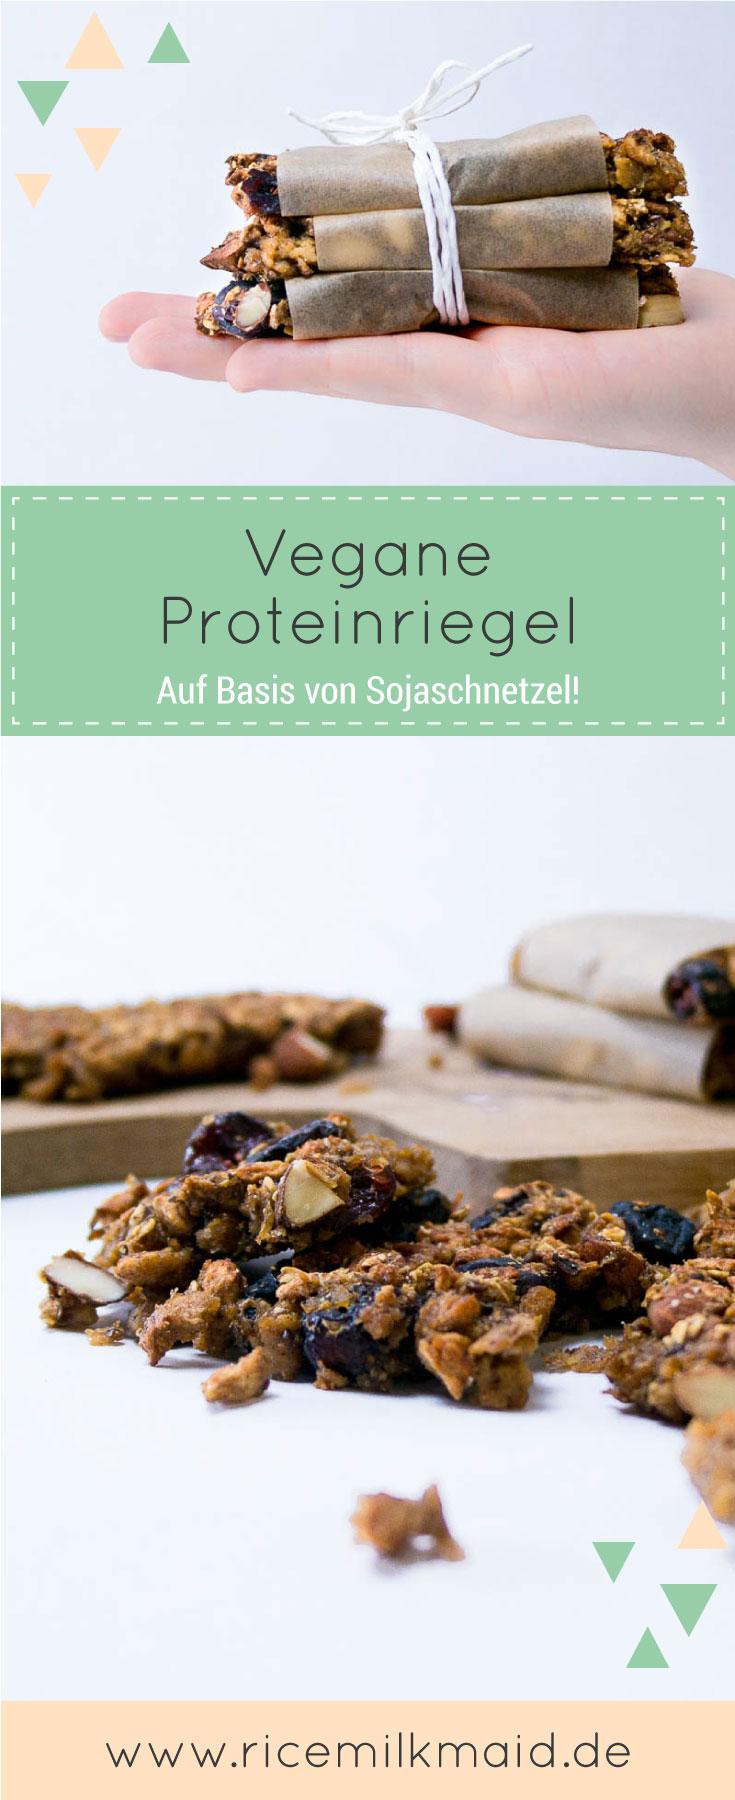 Vegane Proteinriegel aus Sojaschnetzel und Cranberries. Hast du Sojafleisch schon mal süß gegessen? Super Idee und perfekt für nach dem Sport! ♥ | Ricemilkmaid Blog